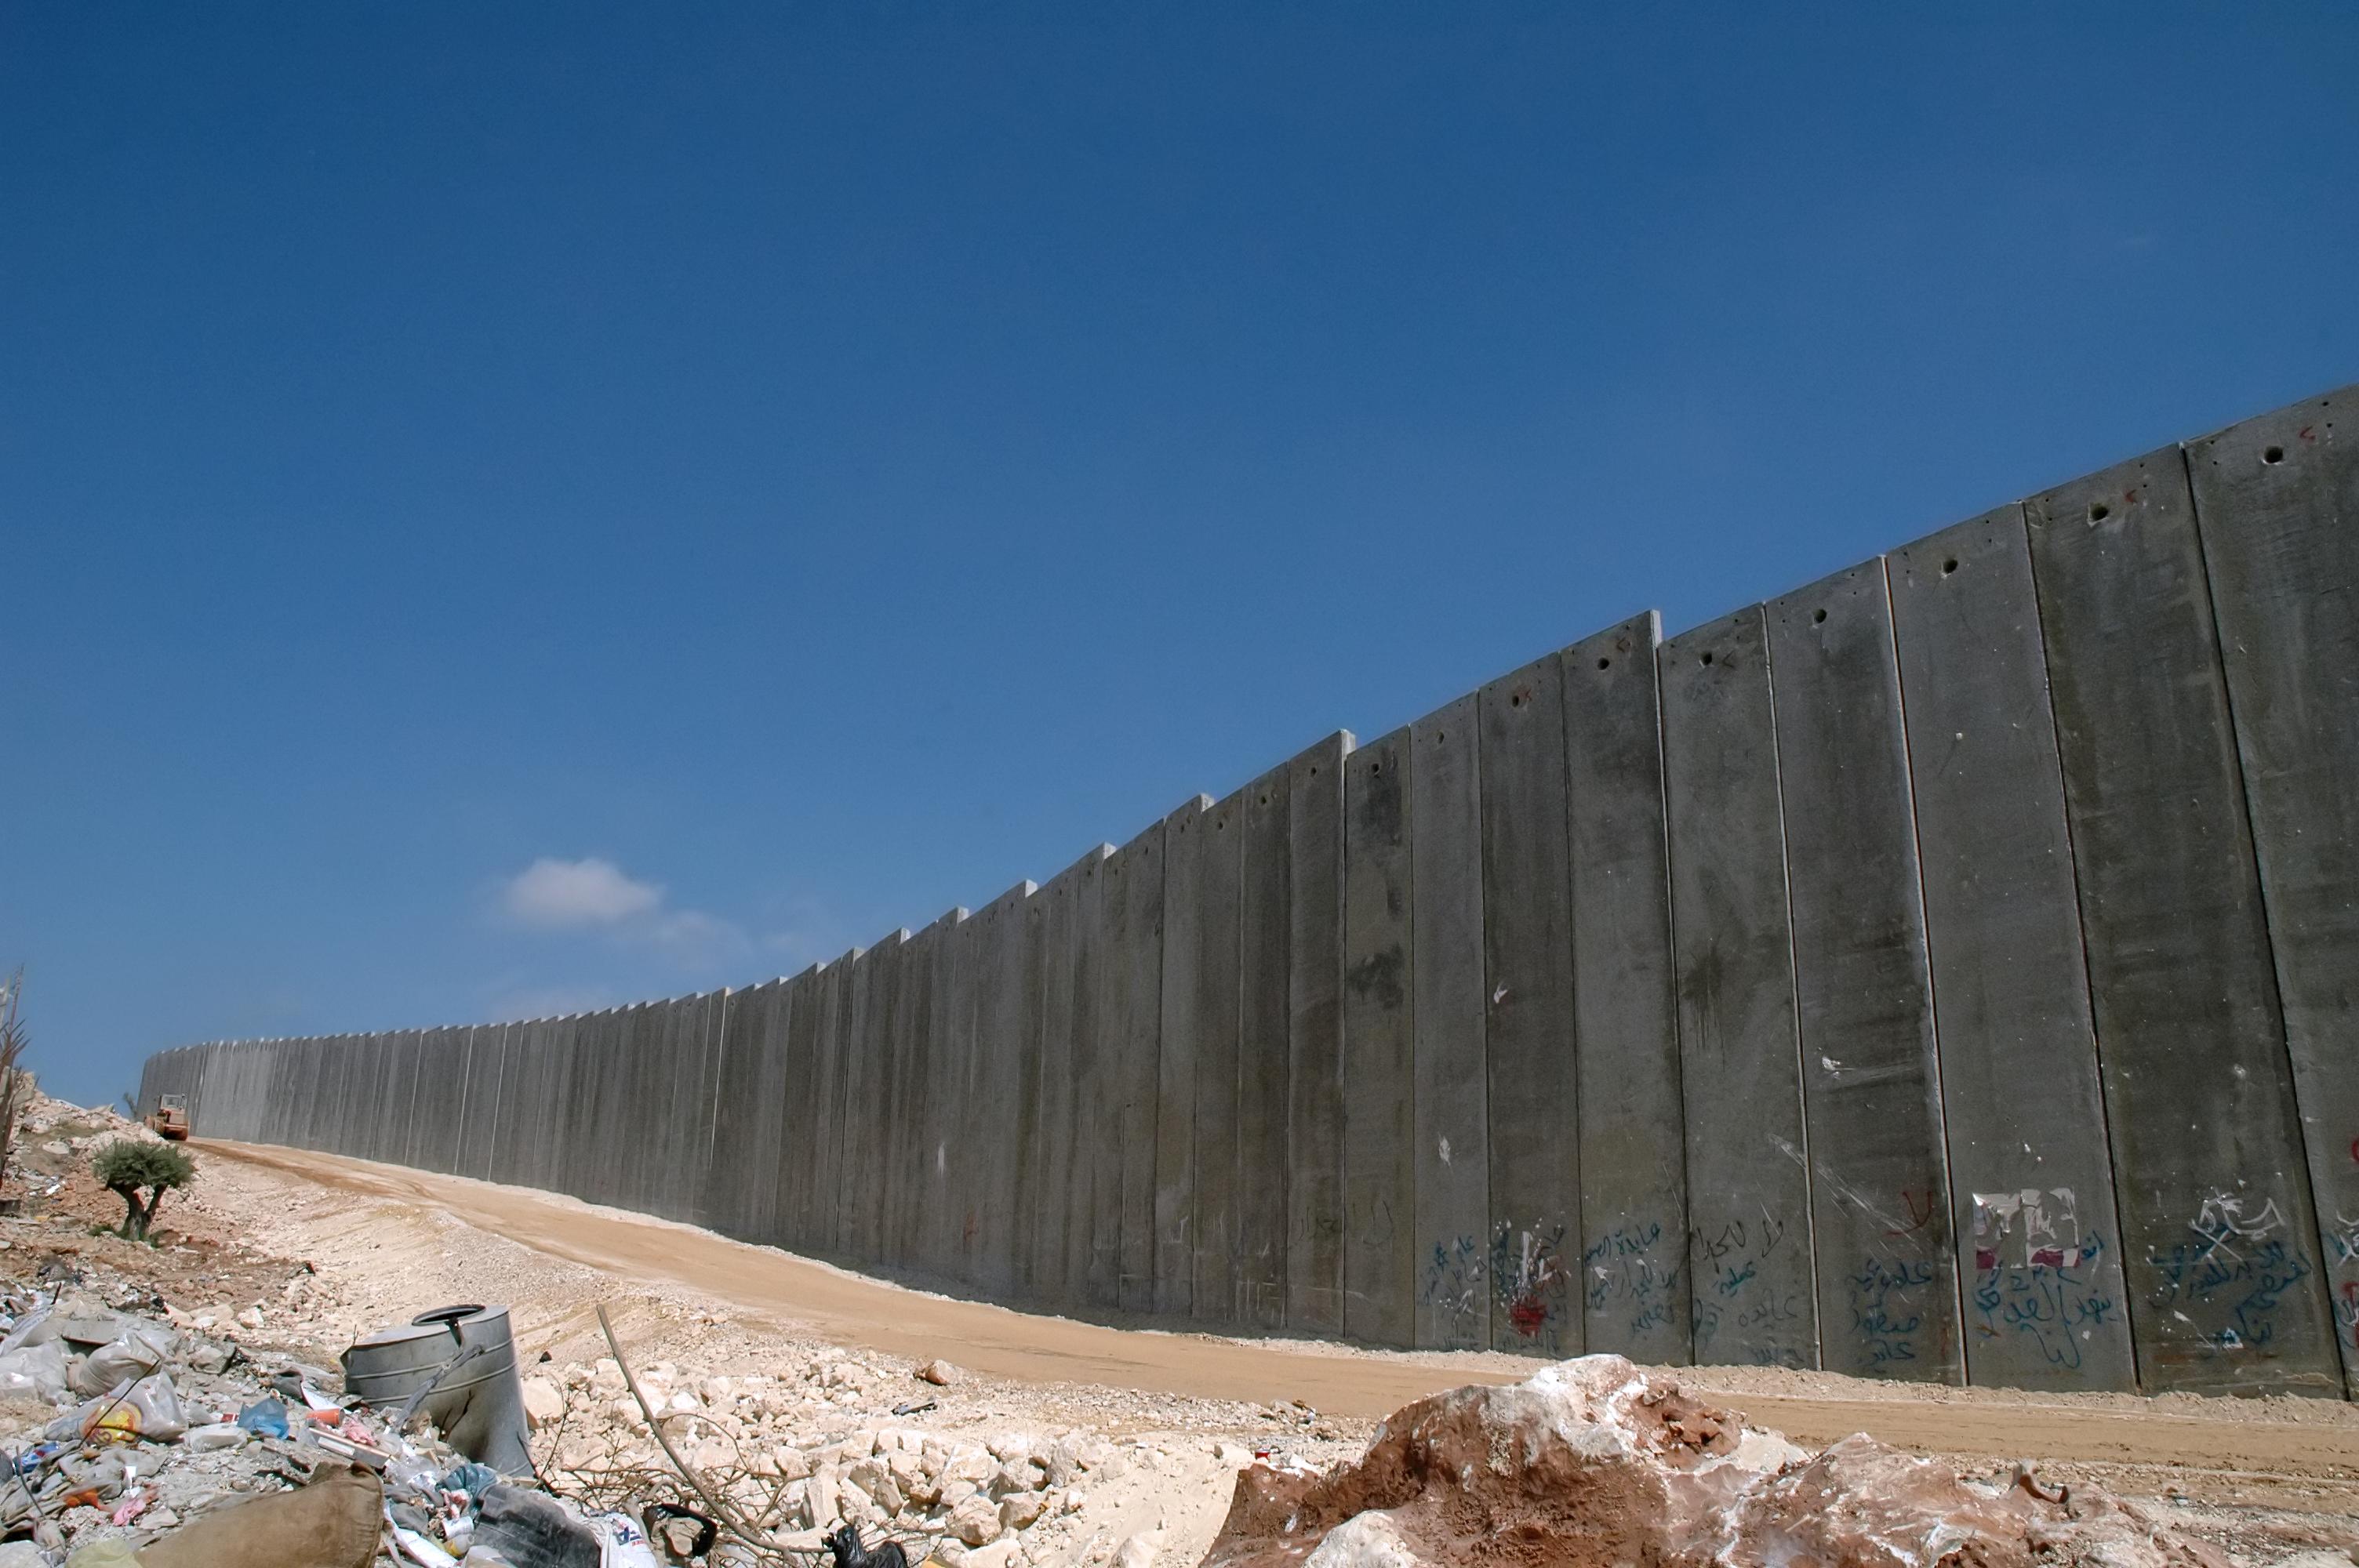 Wall-fb2855f9cd81207b49b32463e384e543-